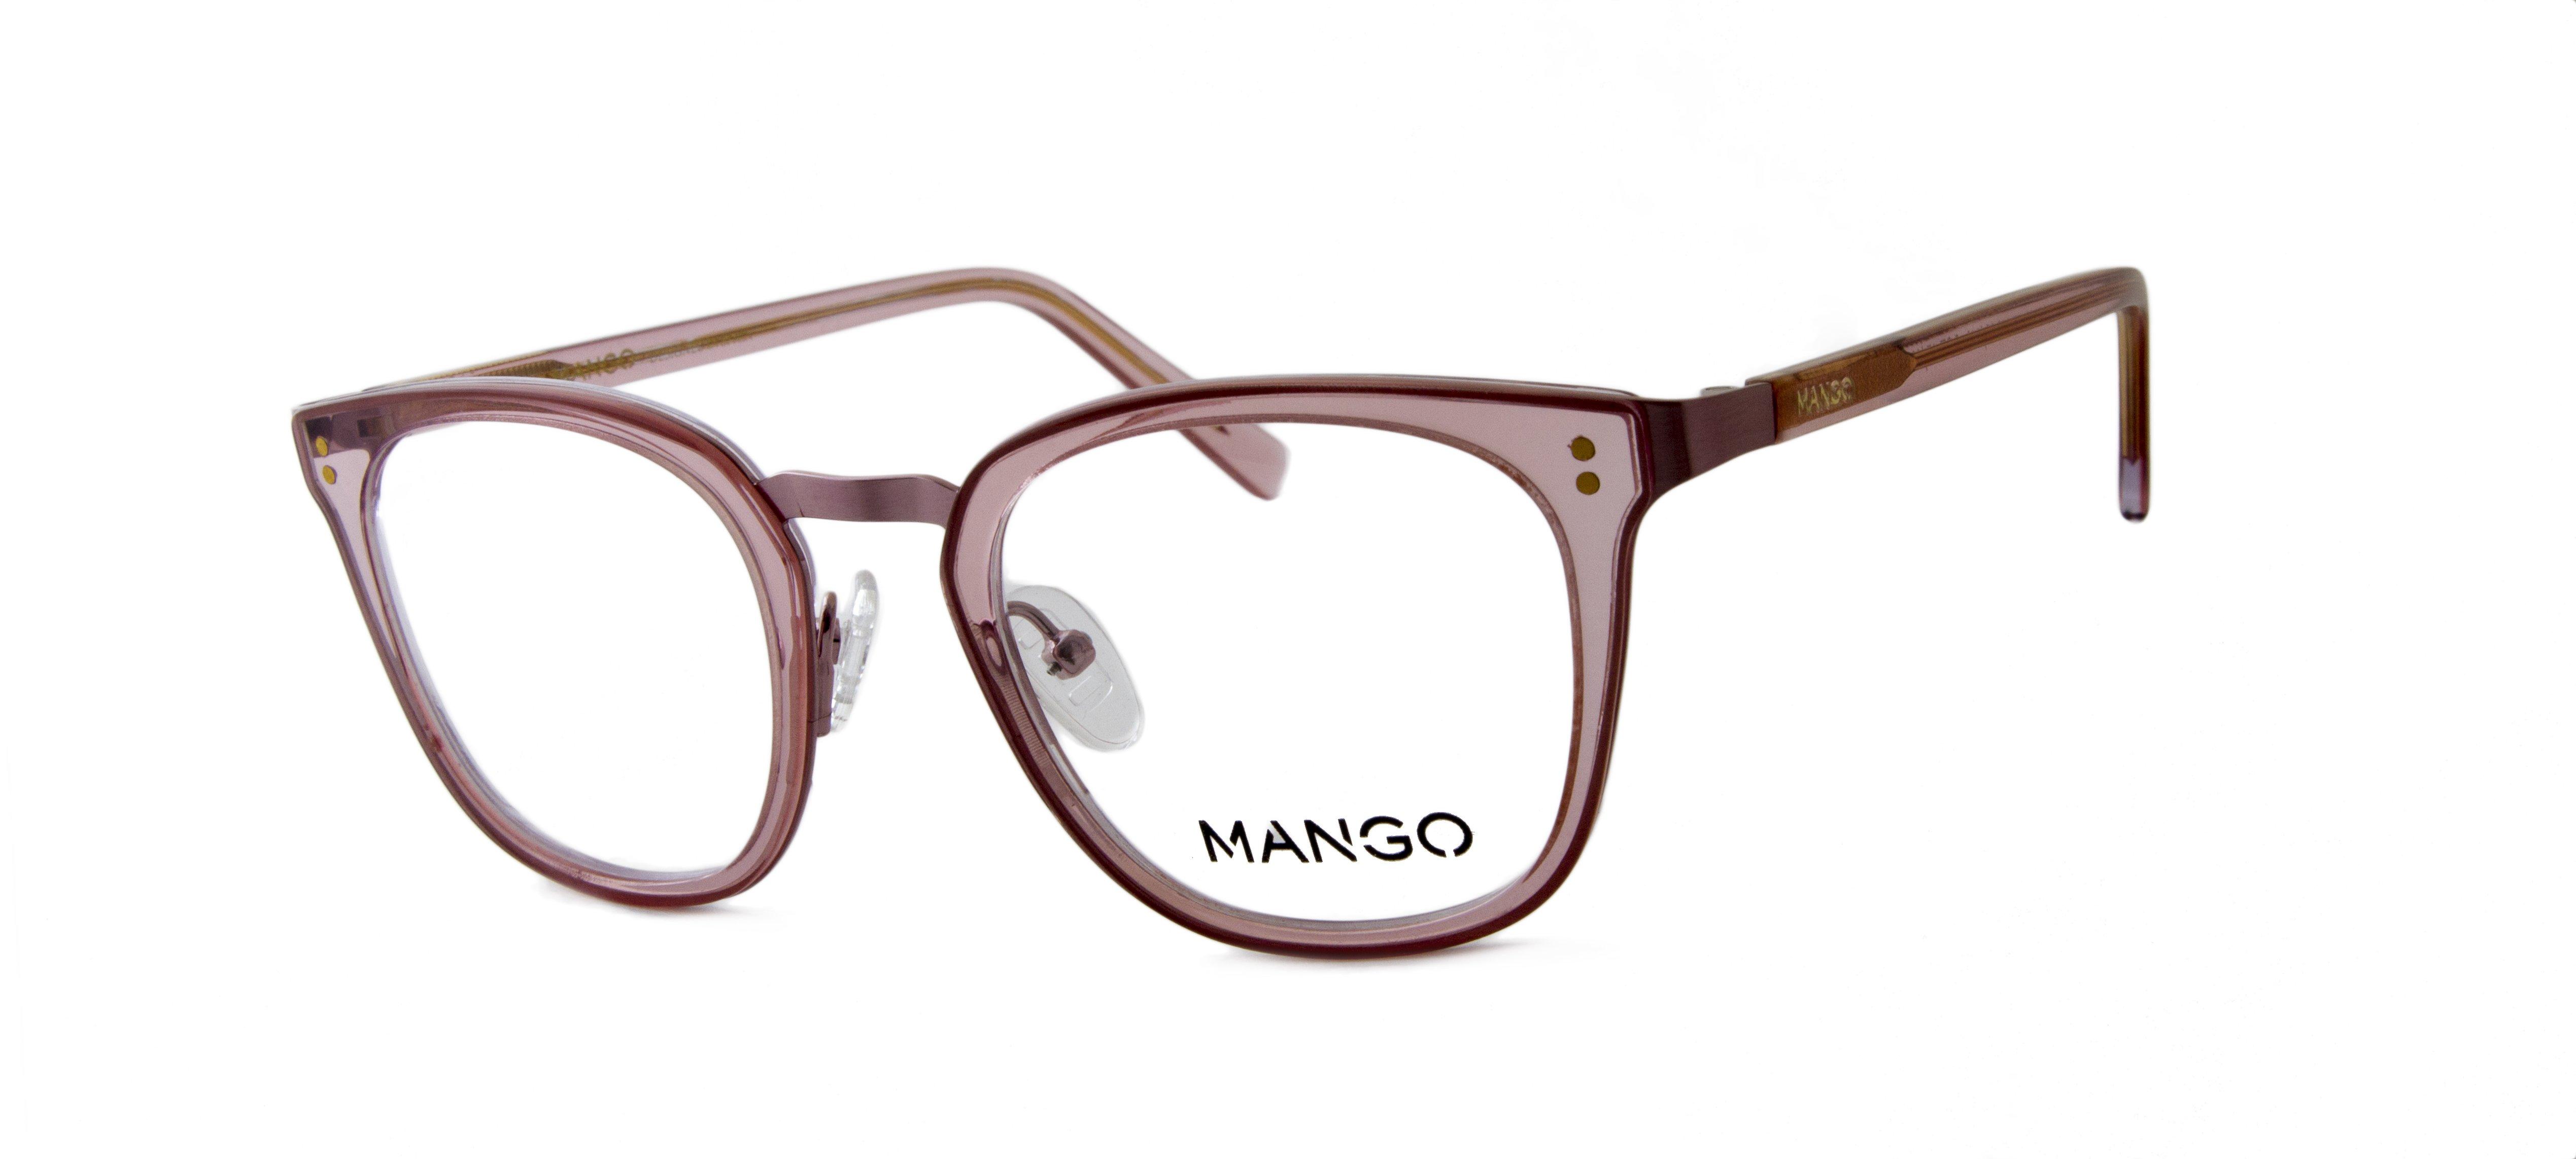 5f228906036 Mango Glasses MNG 1831